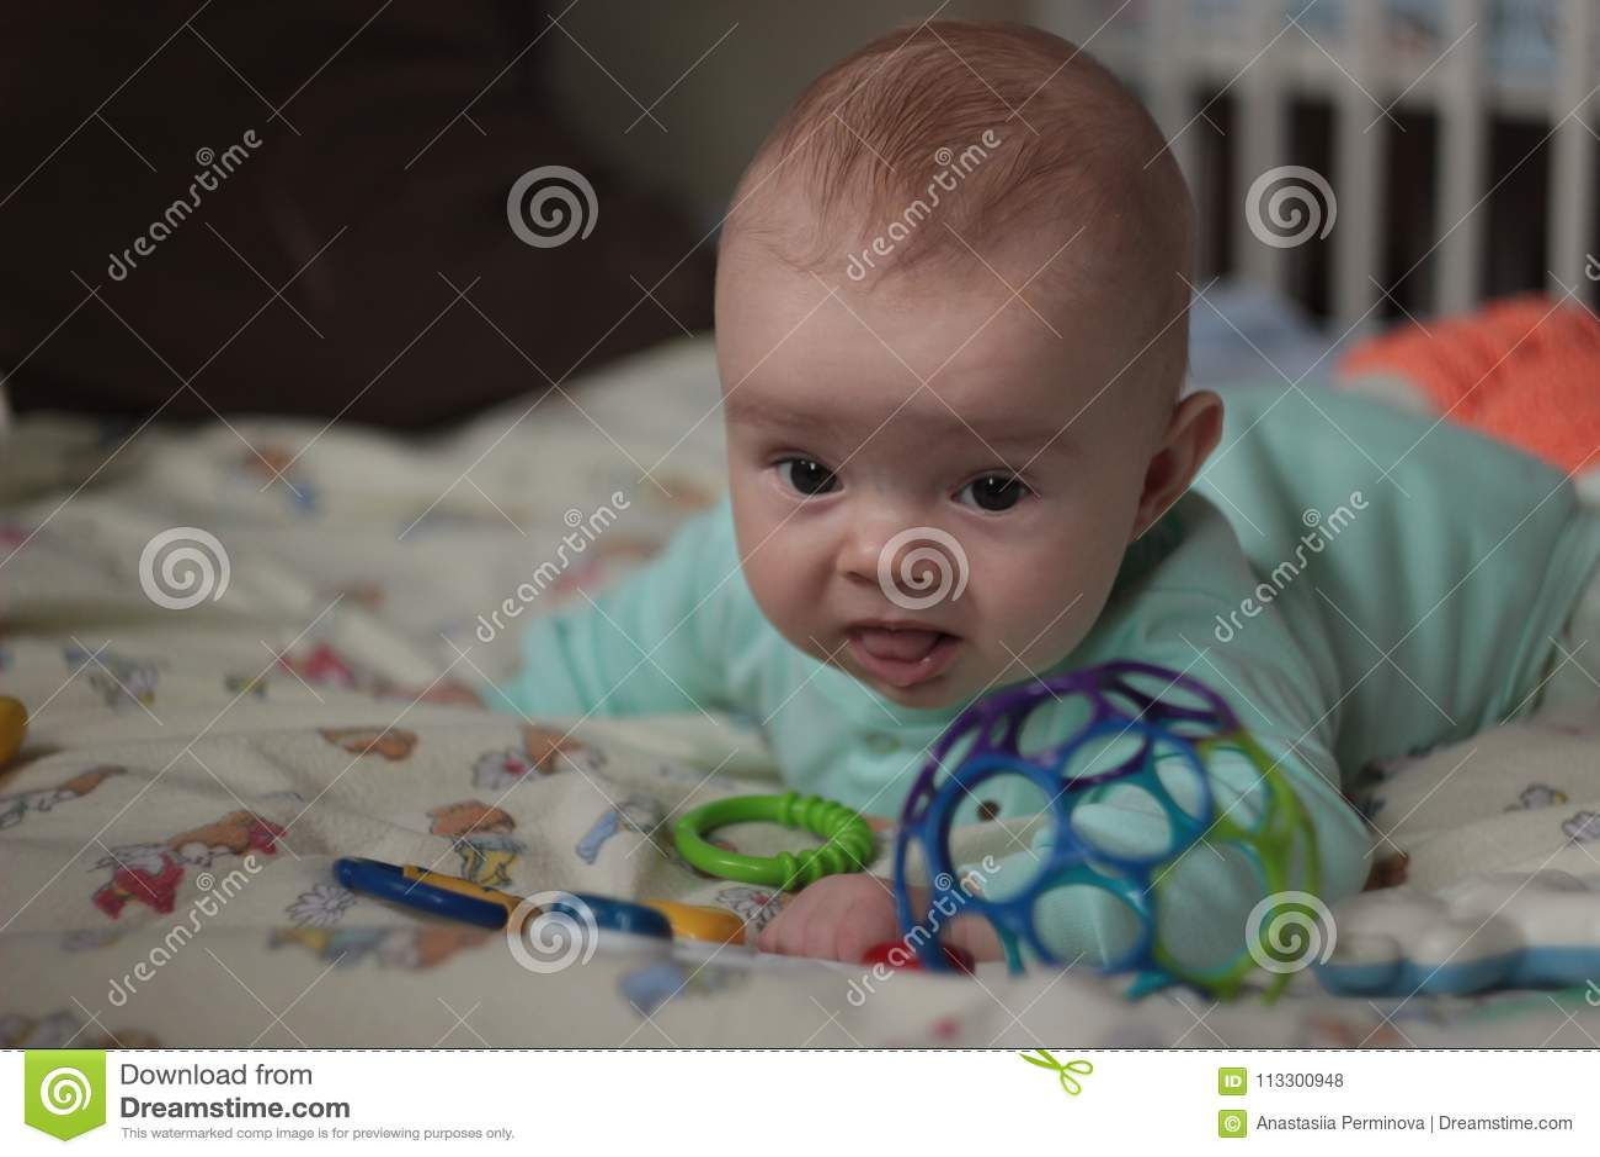 4014b888c8 Un Bambino Di 5 Mesi Che Gioca Con I Giocattoli Fotografia Stock ...